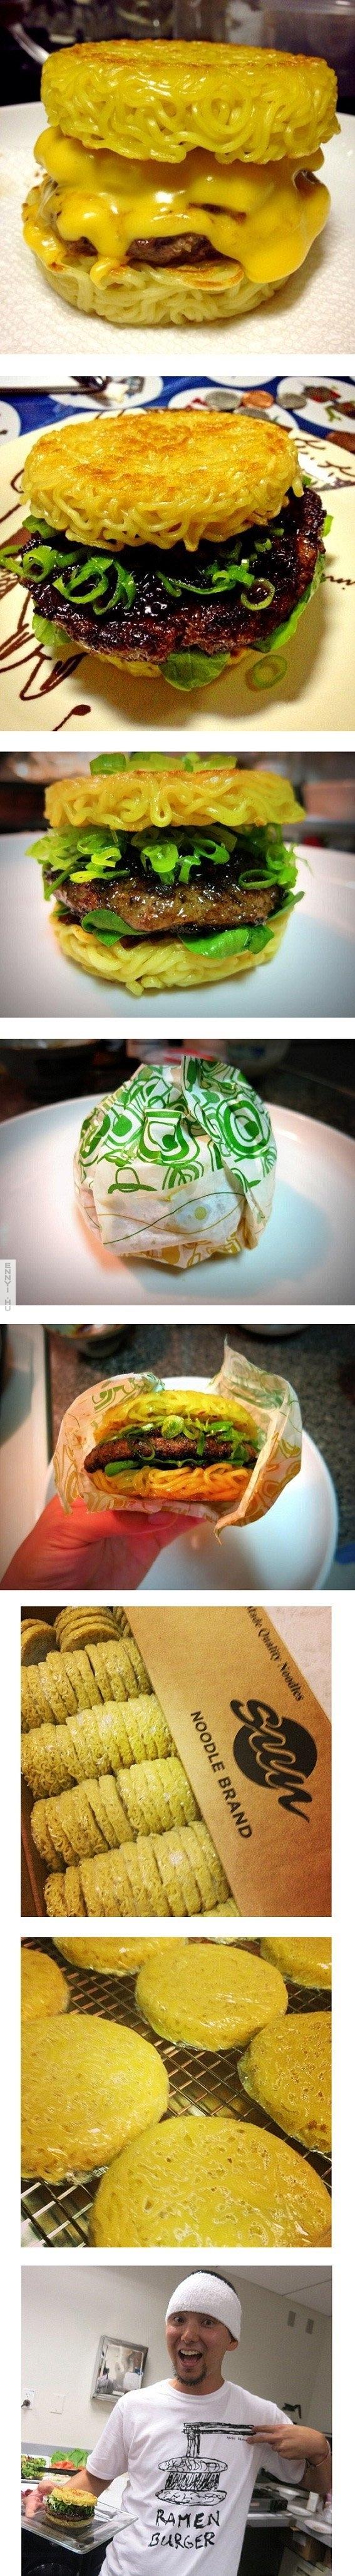 tesztasburger